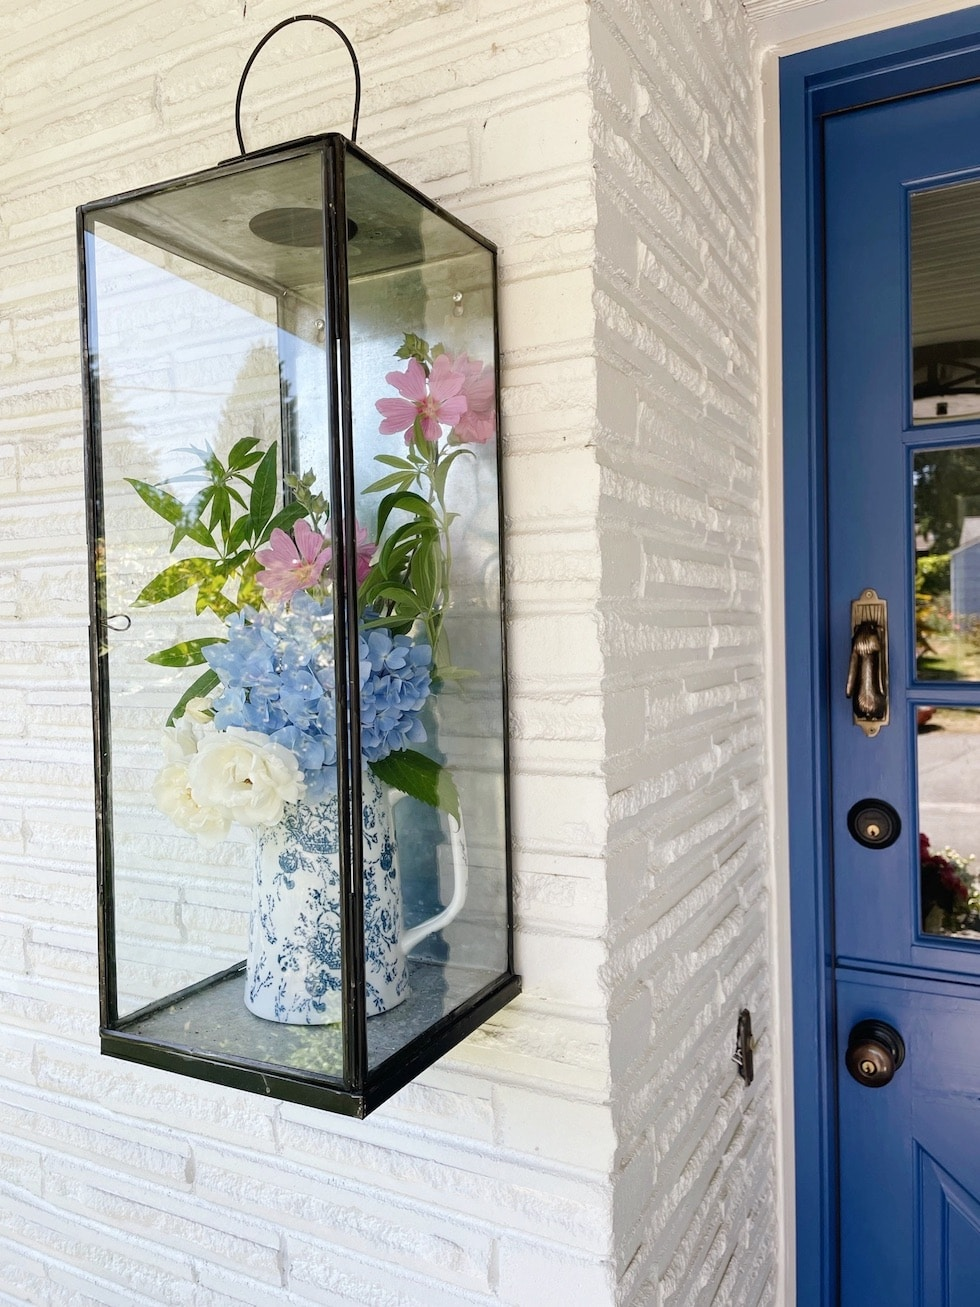 Summer Bouquet in a Lantern